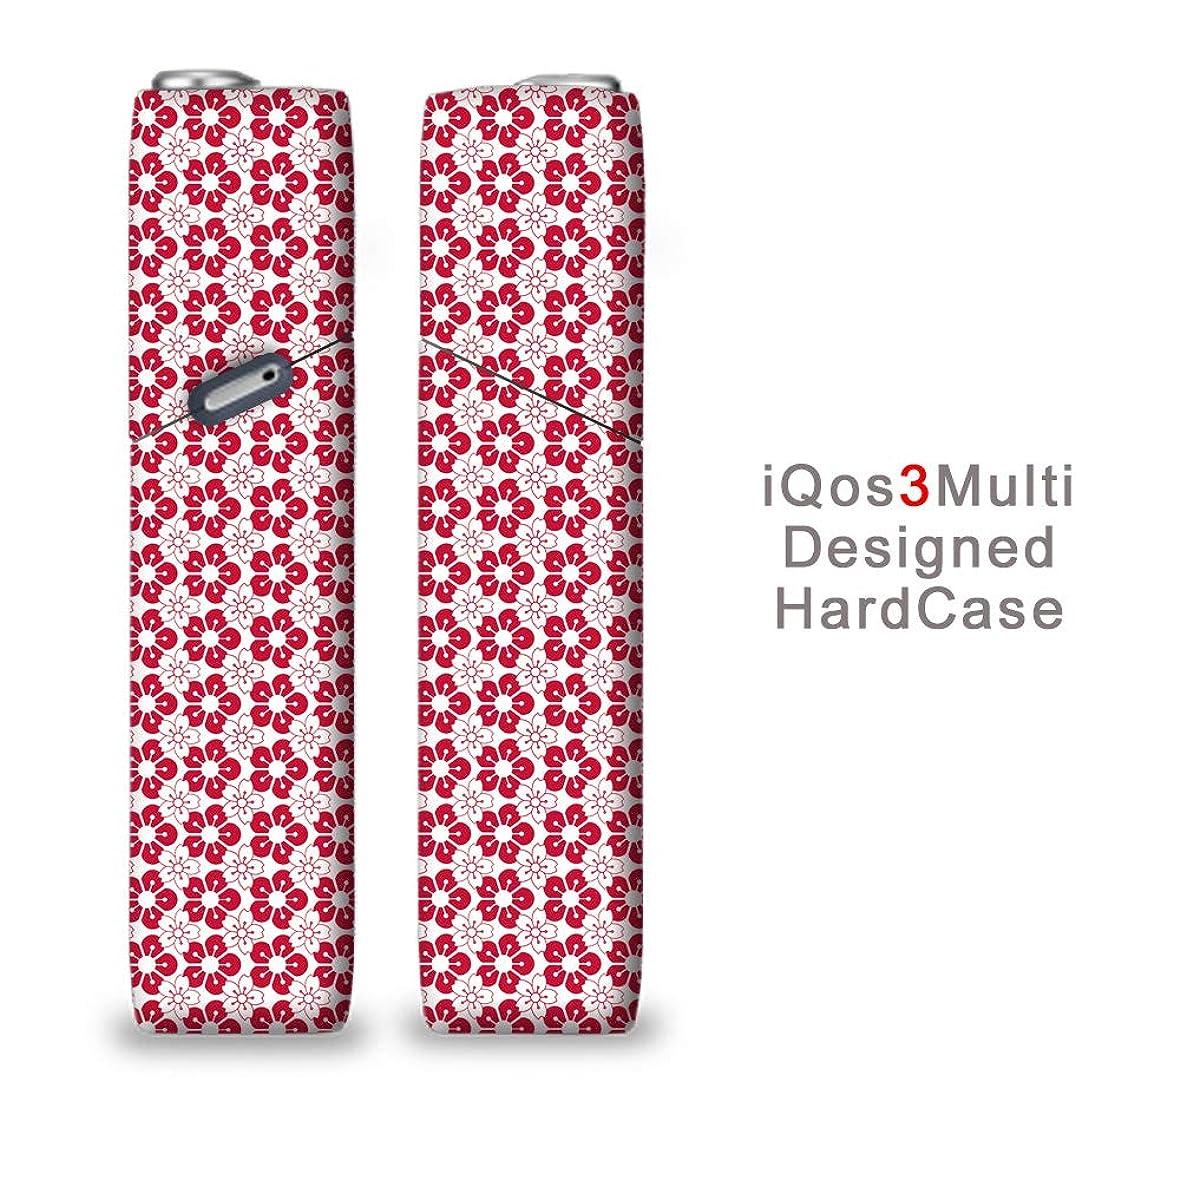 言うアルバムカテゴリー完全国内受注生産 iQOS3マルチ用 アイコス3マルチ用 熱転写全面印刷 和柄 花 加熱式タバコ 電子タバコ 禁煙サポート アクセサリー プラスティックケース ハードケース 日本製